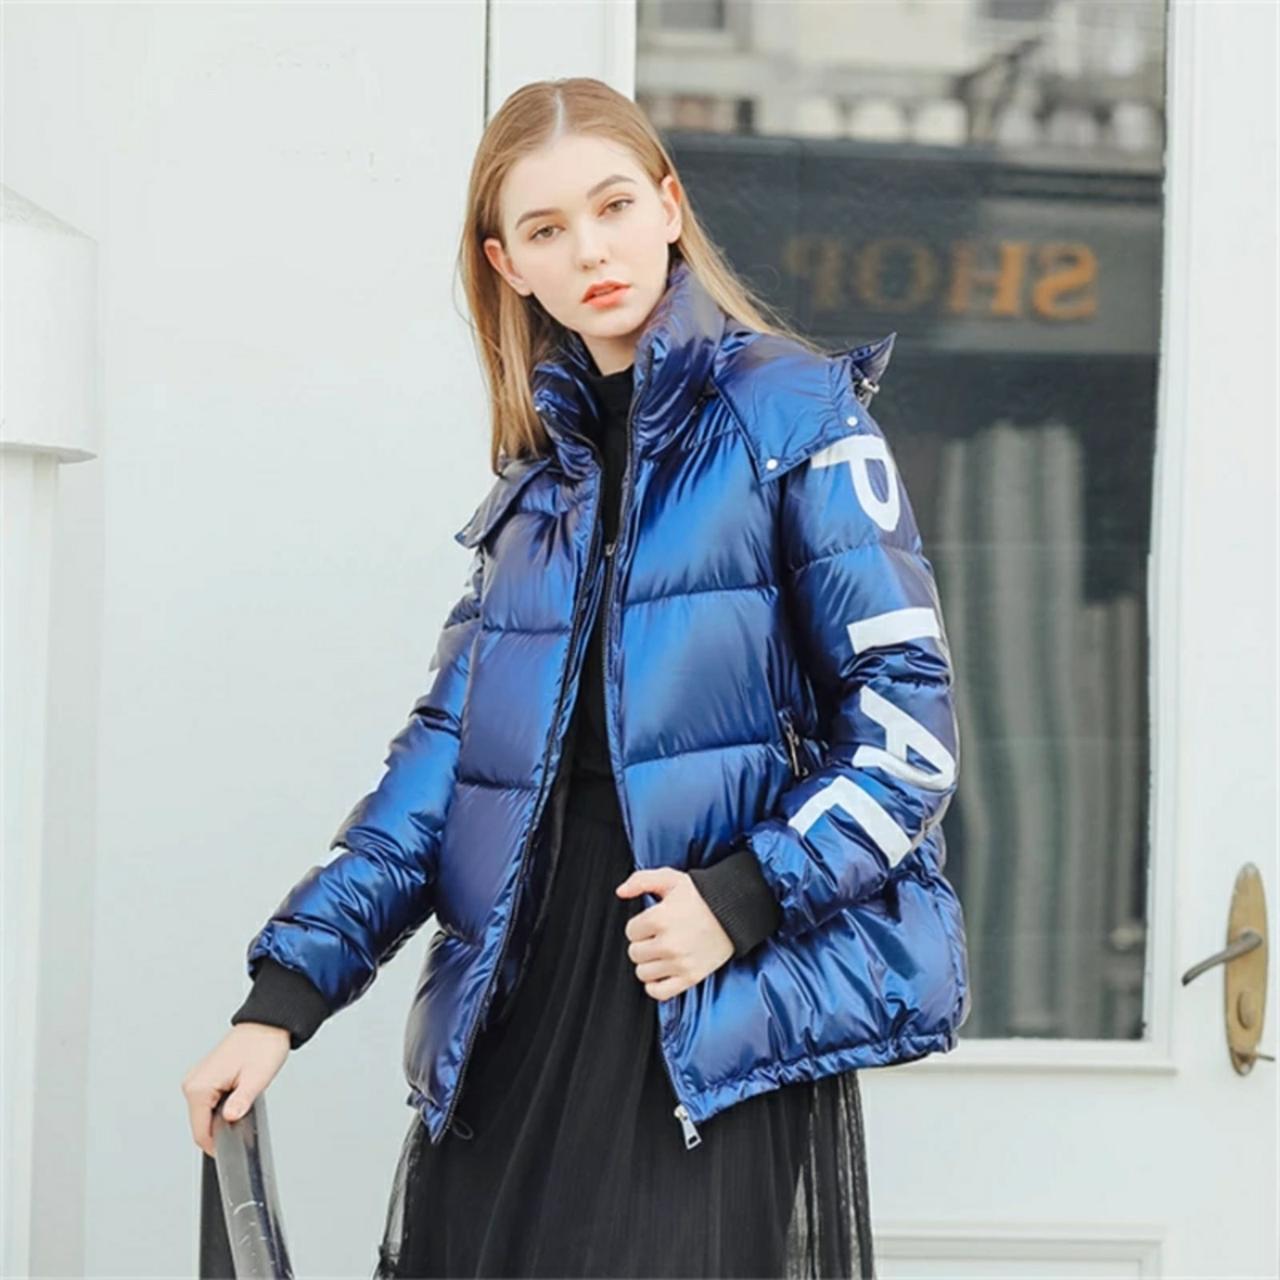 Женский укороченный глянцевый объемный зимний пуховик, парка, куртка PIAL синий